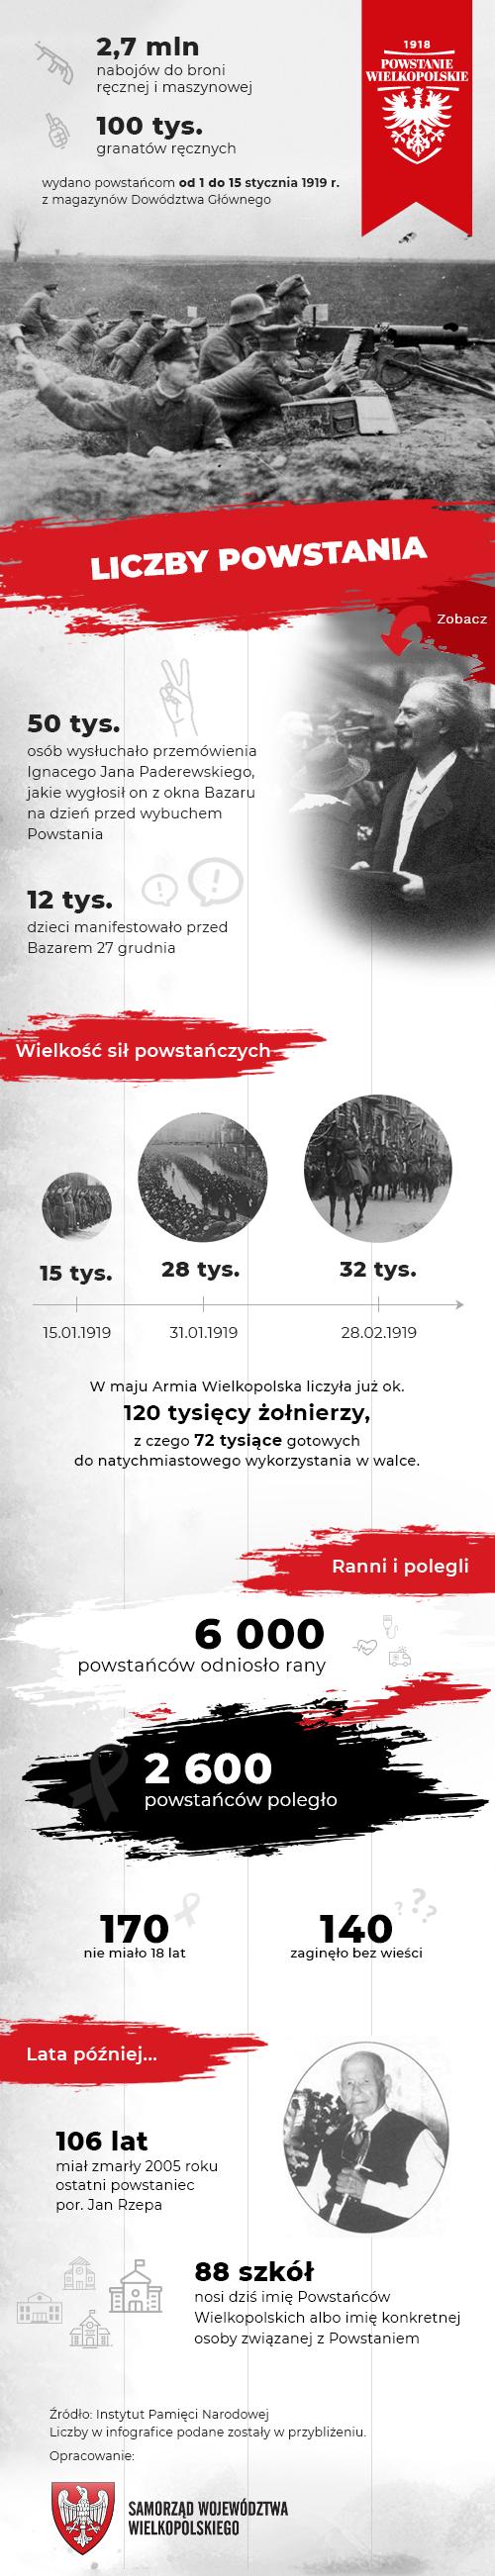 Powstanie w liczbach - infografika